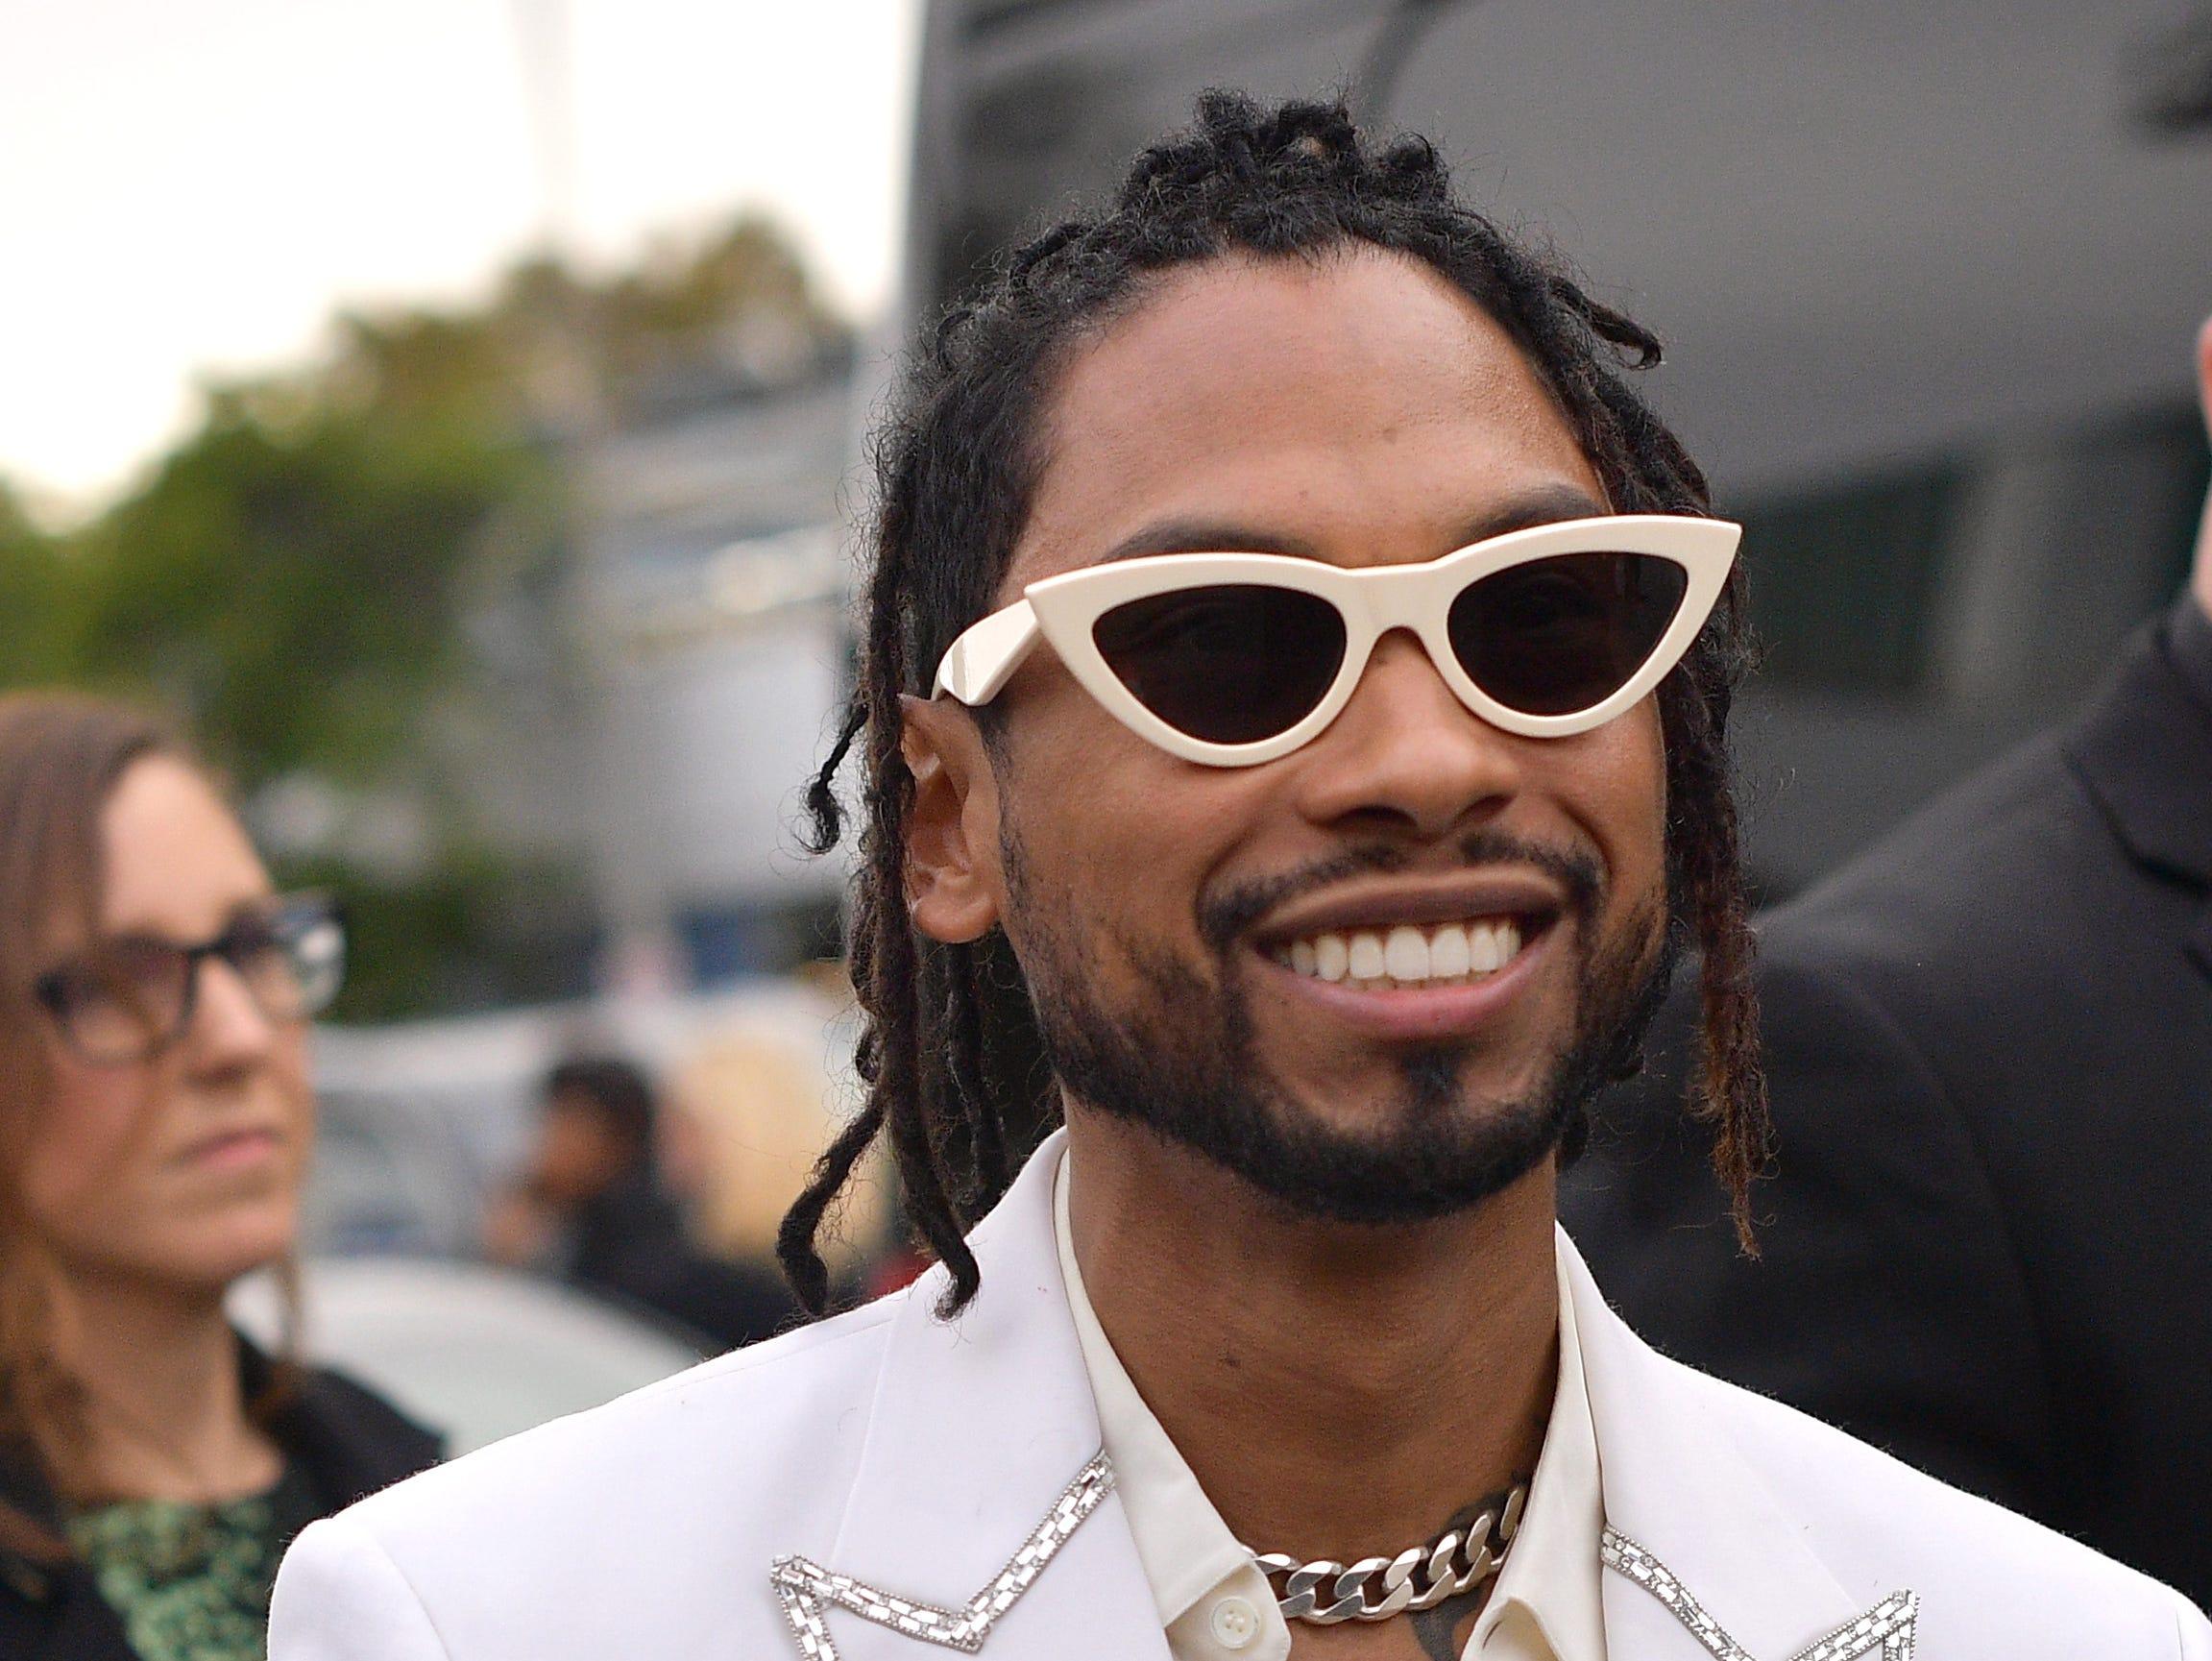 Miguel asiste a la 61ª edición de los premios GRAMMY en el Staples Center el 10 de febrero de 2019 en Los Ángeles, California.